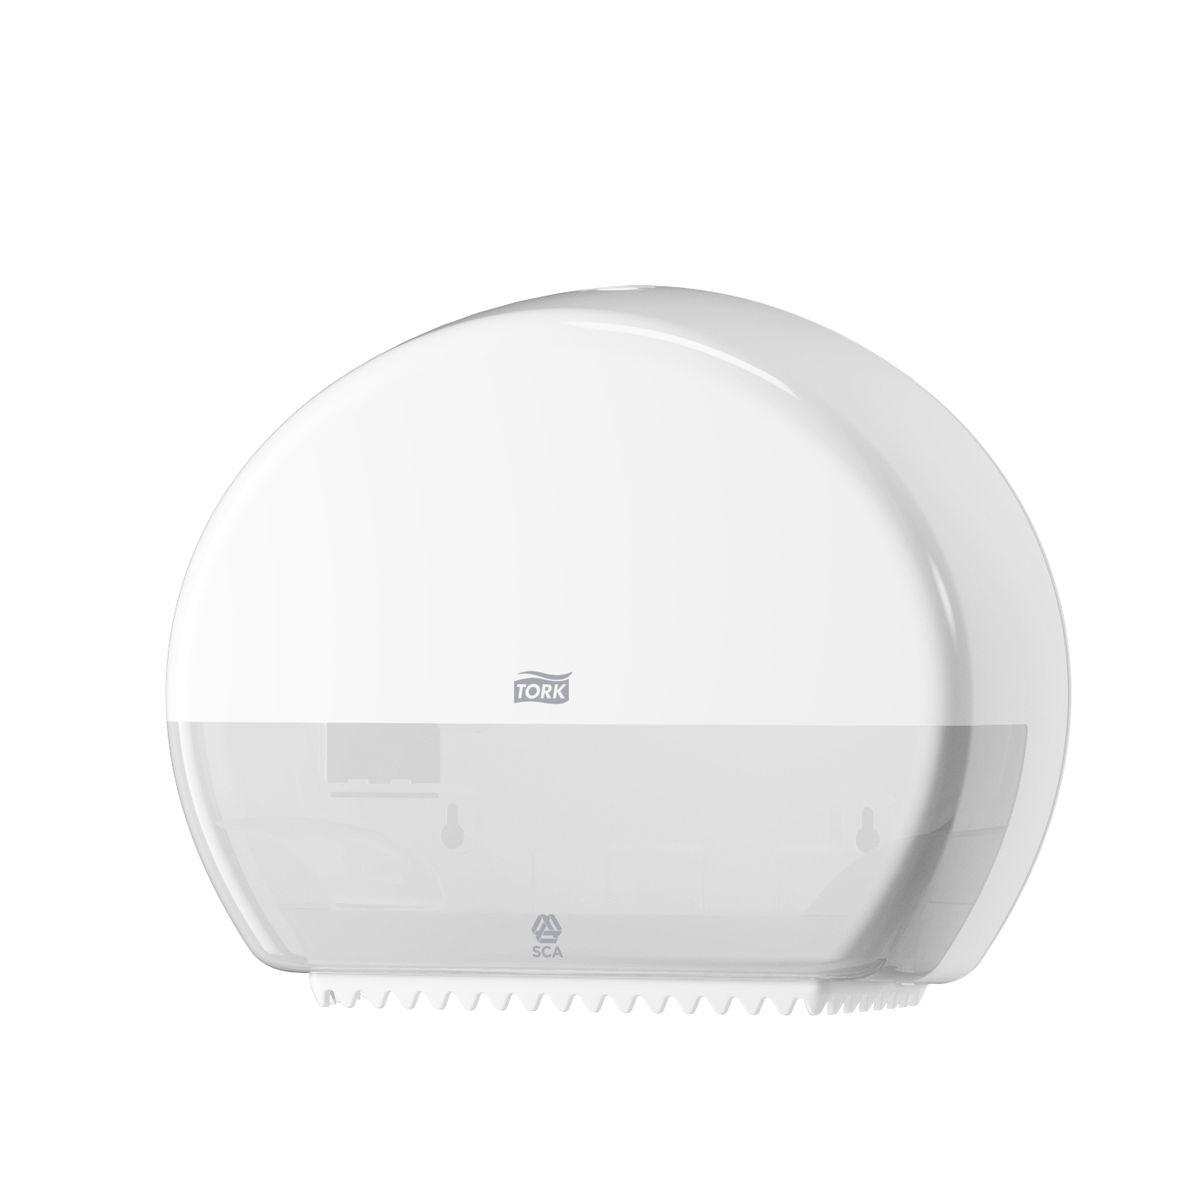 Диспенсер для туалетной бумаги Tork, цвет: белый. 555000RG-D31SСистема T2 - для туалетной бумаги в мини рулонахДержатель изготовлен из ударопрочного пластика белого цвета.Функция Stub Roll позволяет сэкономить до 35 м бумаги.Снабжен специальными зубчиками, которые подходят для отрыва полотна как с перфорацией, так и без нее.Открывается двумя альтернативными способами: ключом и кнопкой.Вмещает рулон длиной до 200 метров.